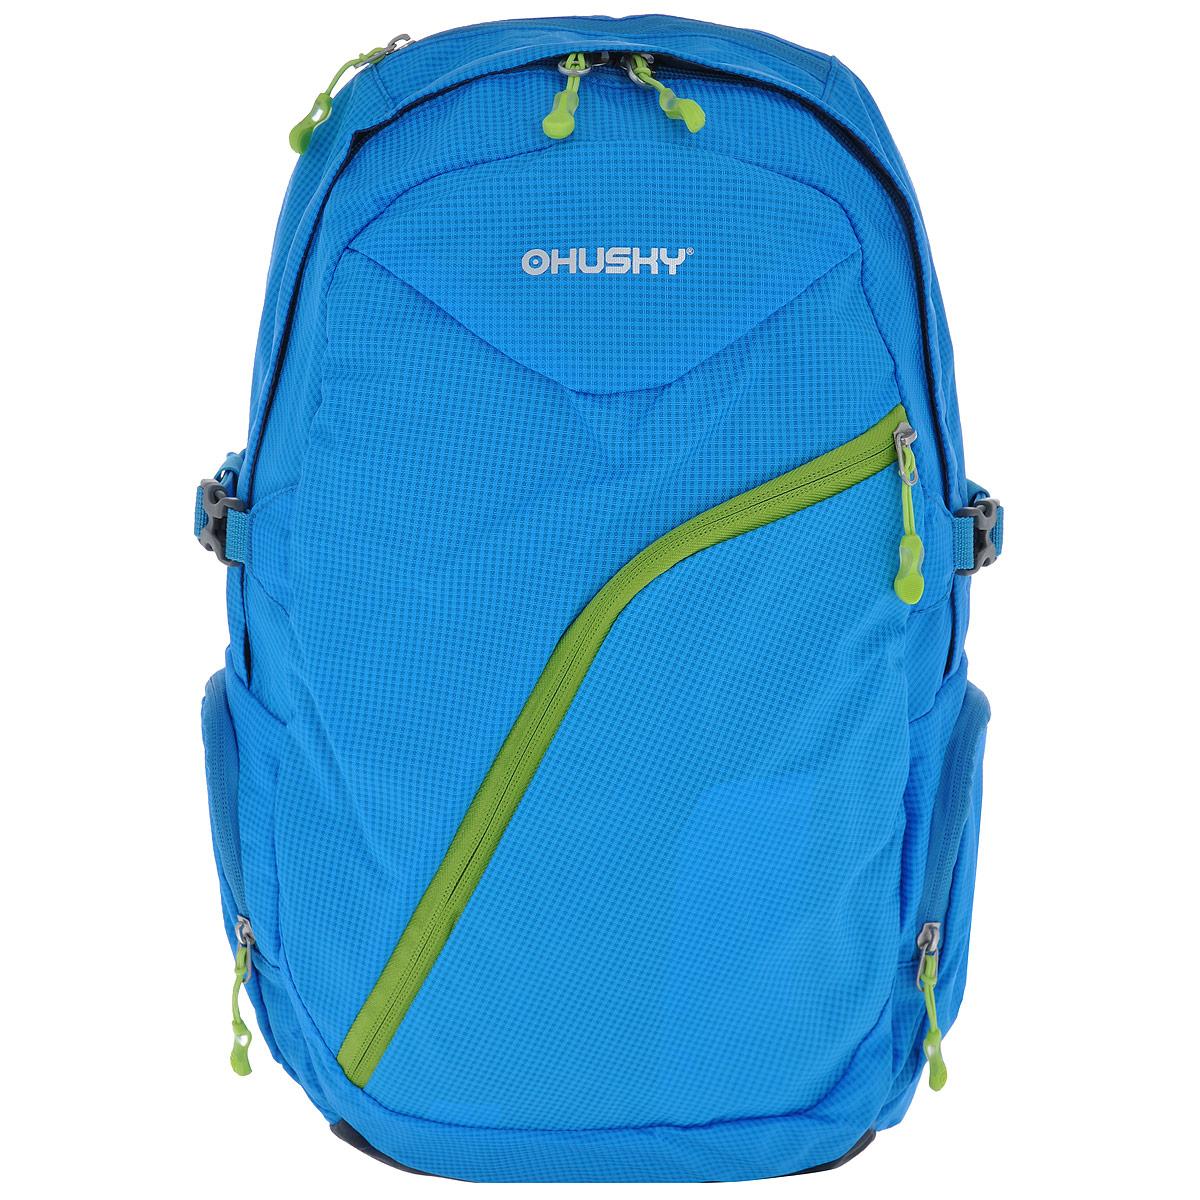 Рюкзак городской Husky Nexy, цвет: голубой, салатовый, 22 лZ90 blackГородской рюкзак Husky Nexy изготовлен из водонепроницаемого нейлона, оснащен светоотражающими элементами. Рюкзак содержит одно главное отделение, в котором есть карман для переноски ноутбука или планшета.На лицевой стороне находится карман на молнии, внутри которого расположены 4 накладных кармана для канцелярии. По бокам рюкзака находятся 2 кармана на молнии. Сверху также есть 1 карман на застежке-молнии. Рюкзак очень удобно носить благодаря системе вентиляции спины AMS и широким лямкам.Вес: 550 г.